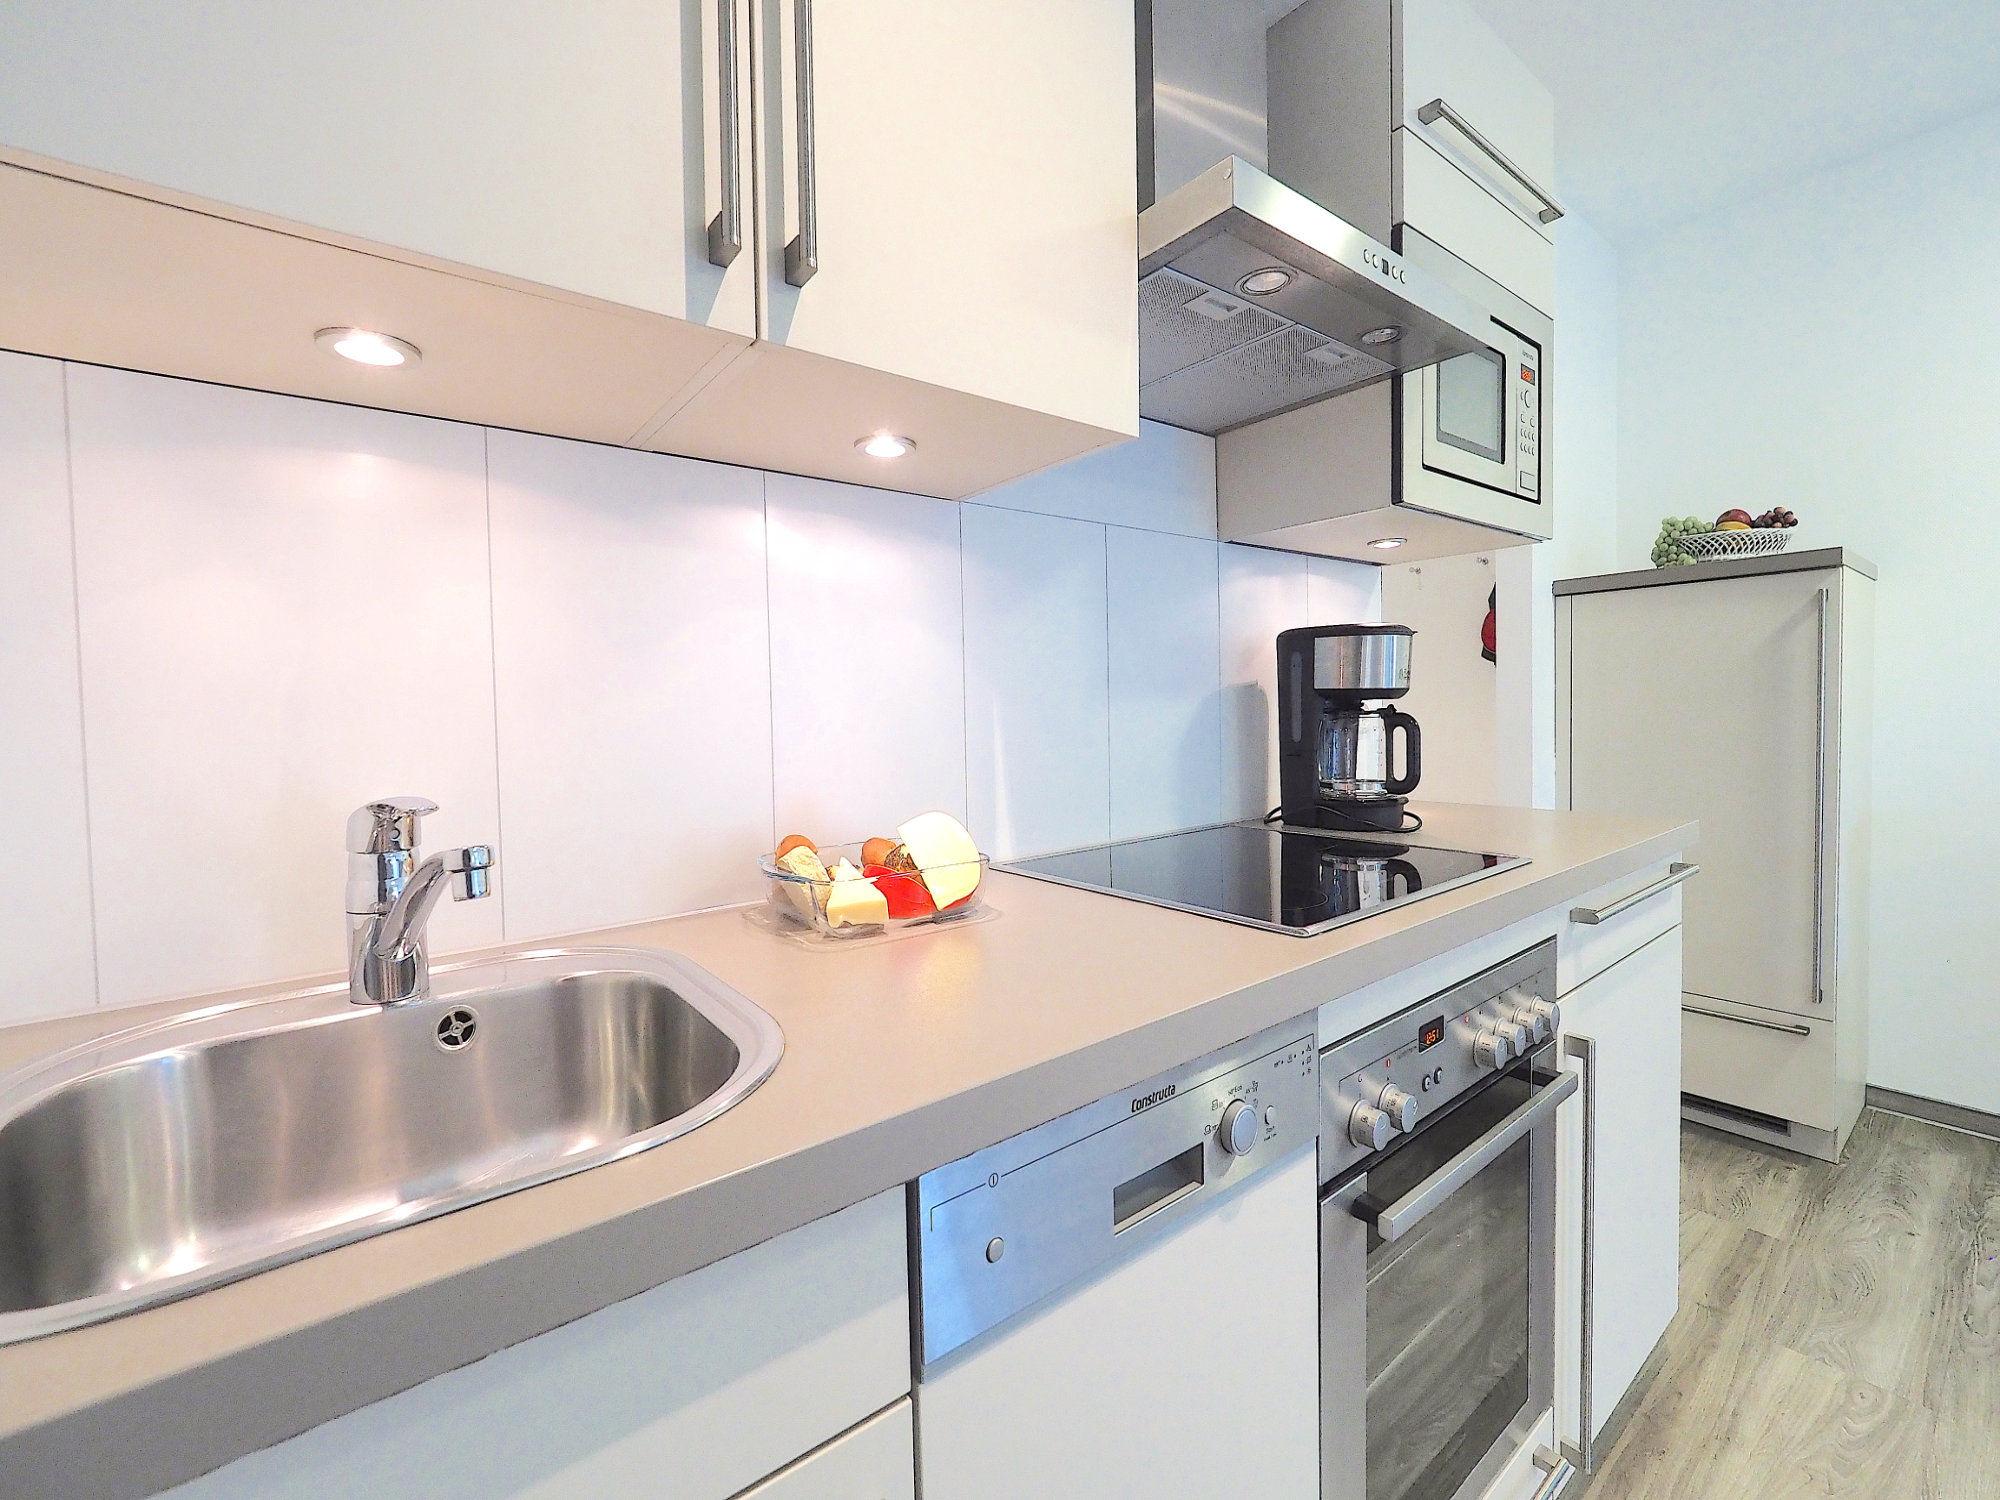 seitlicher Blick auf moderne Küchenzeile mit elektrischen Geräten